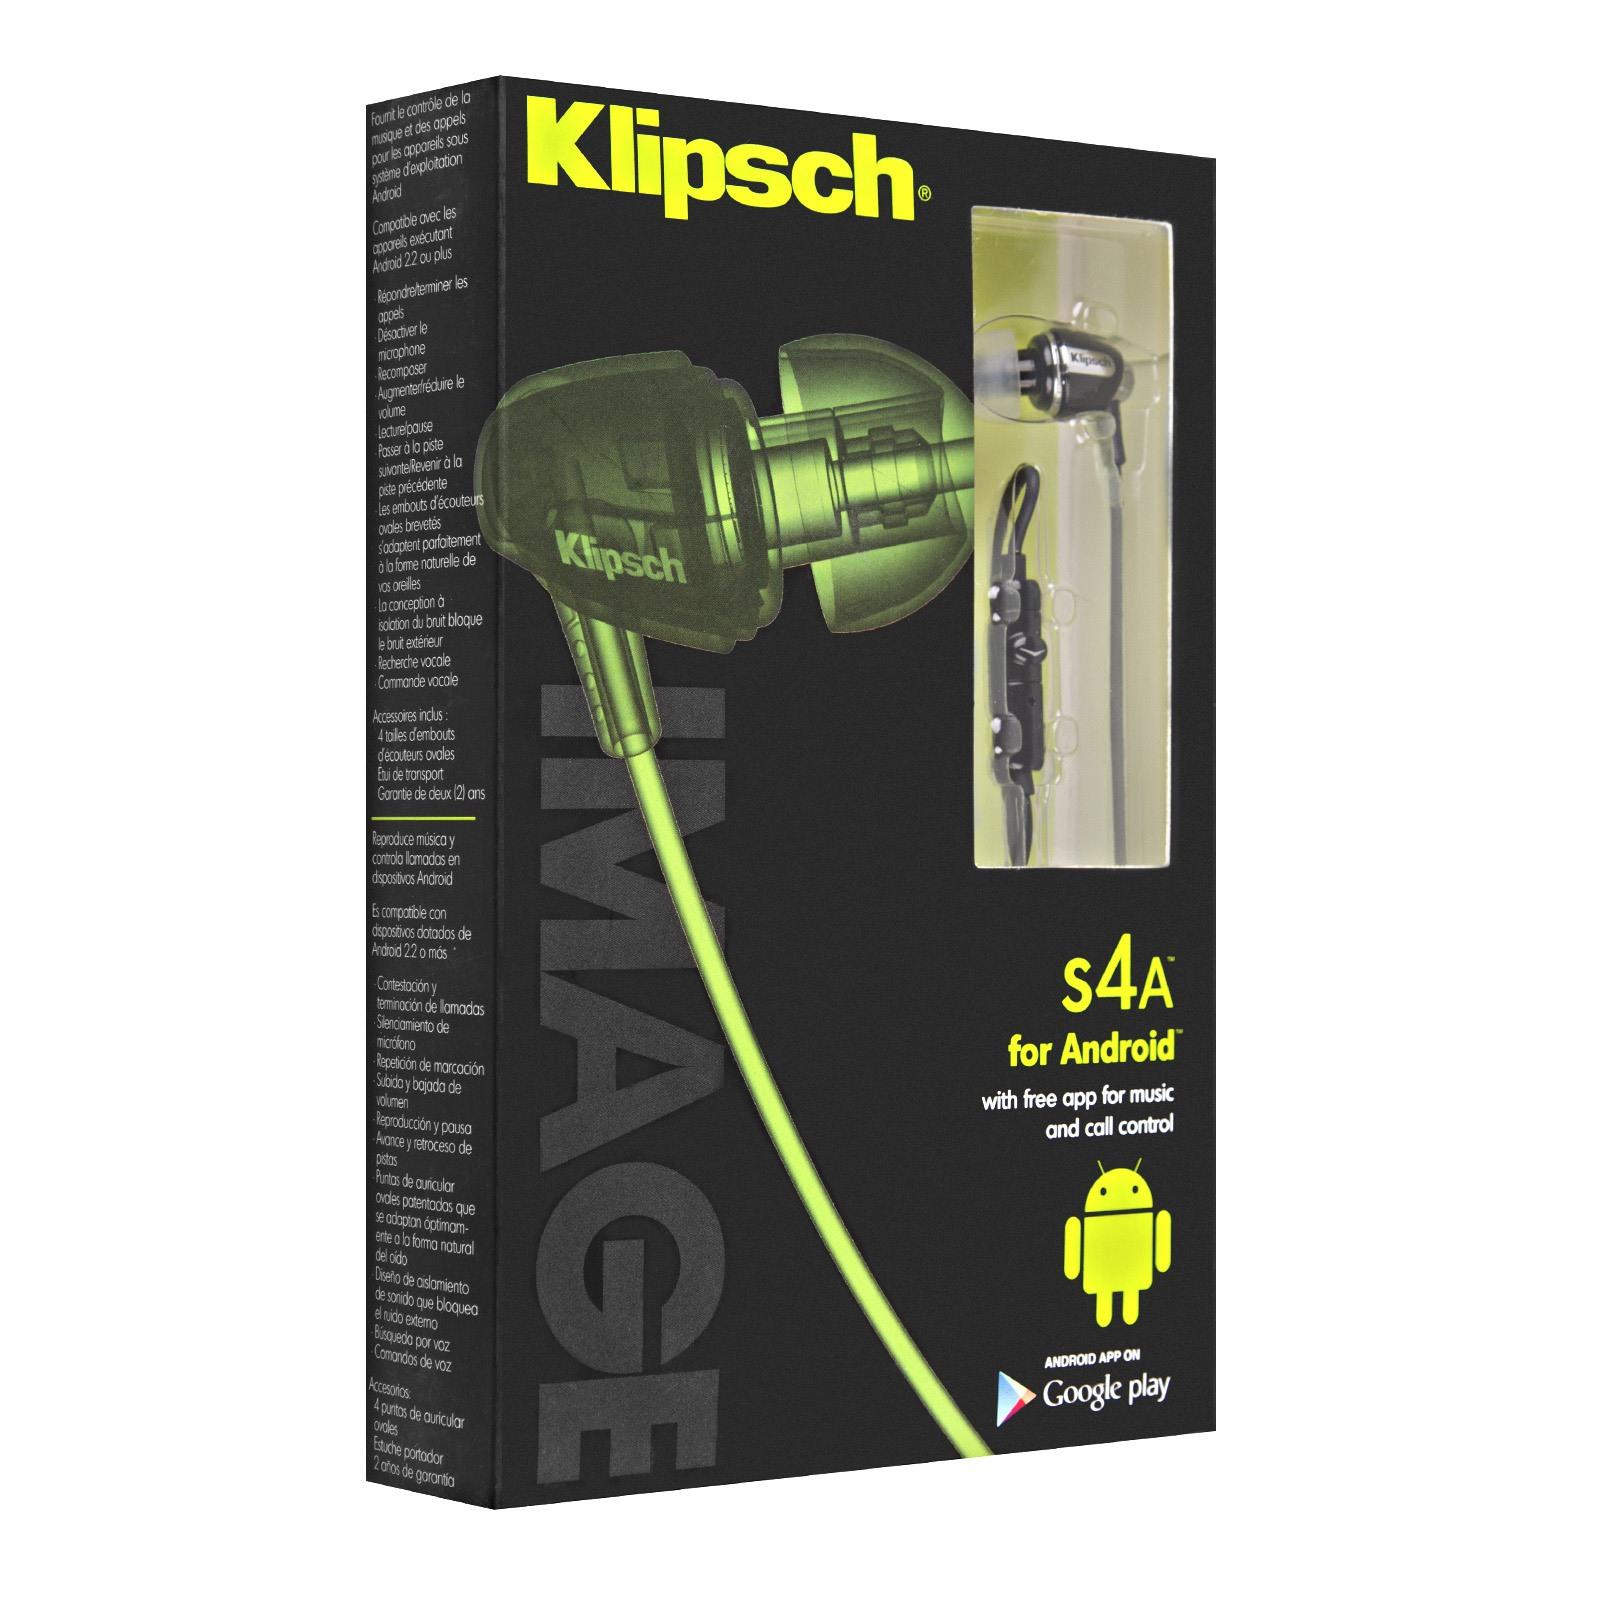 how to wear klipsch earbuds